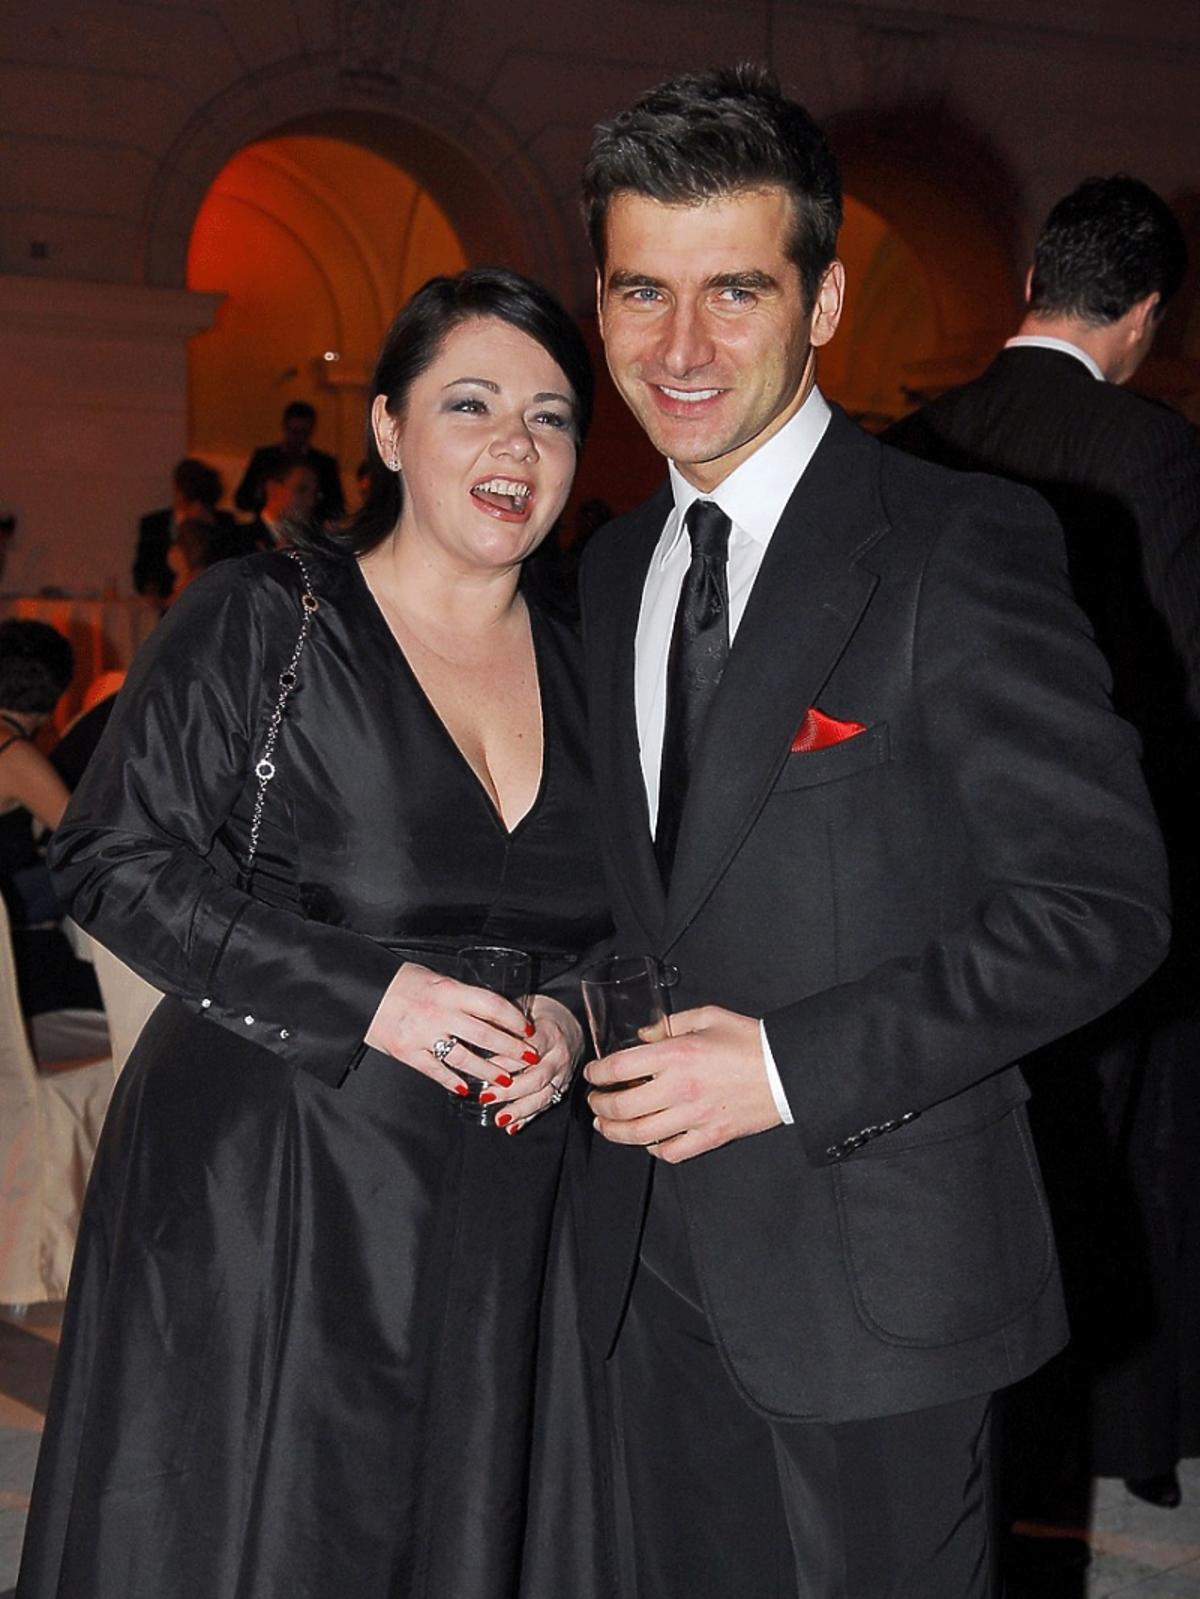 Tomasz Kammel w garniturze, Katarzyna Niezgoda w czarnej sukience